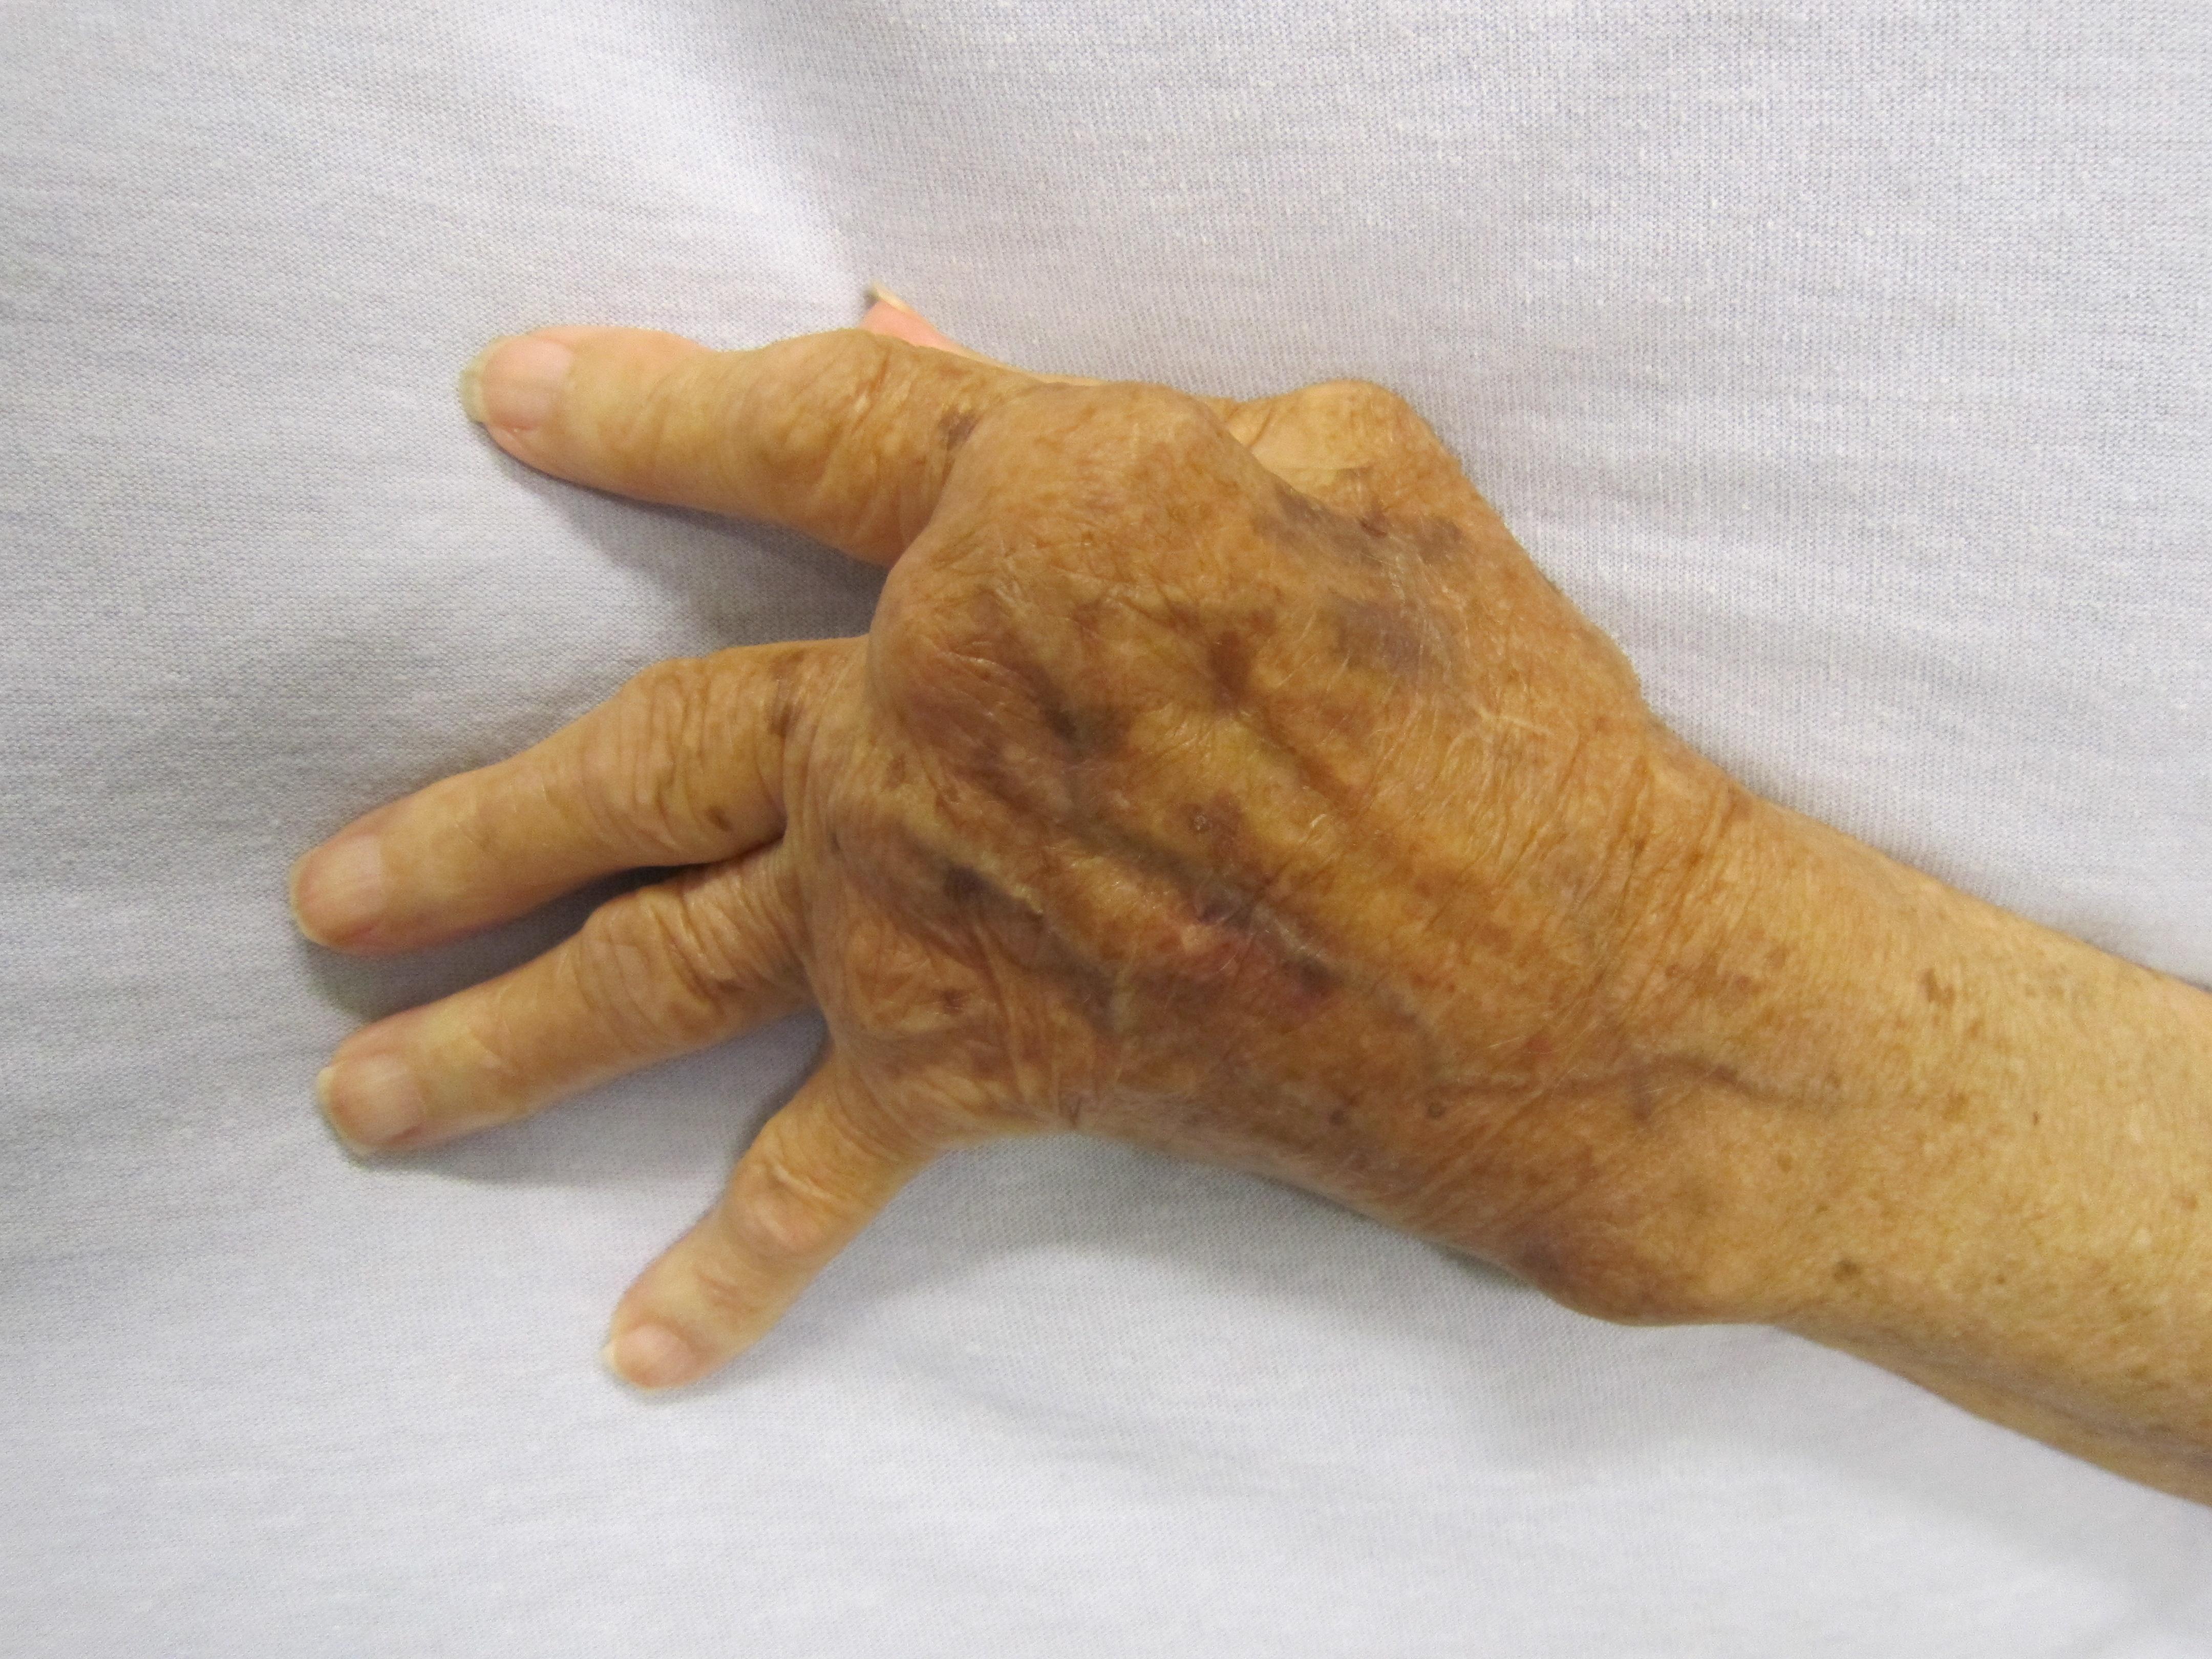 ízületek sör után fáj, mit kell tenni áttekintés arról, hogy ki gyógyította a térd artrózisát